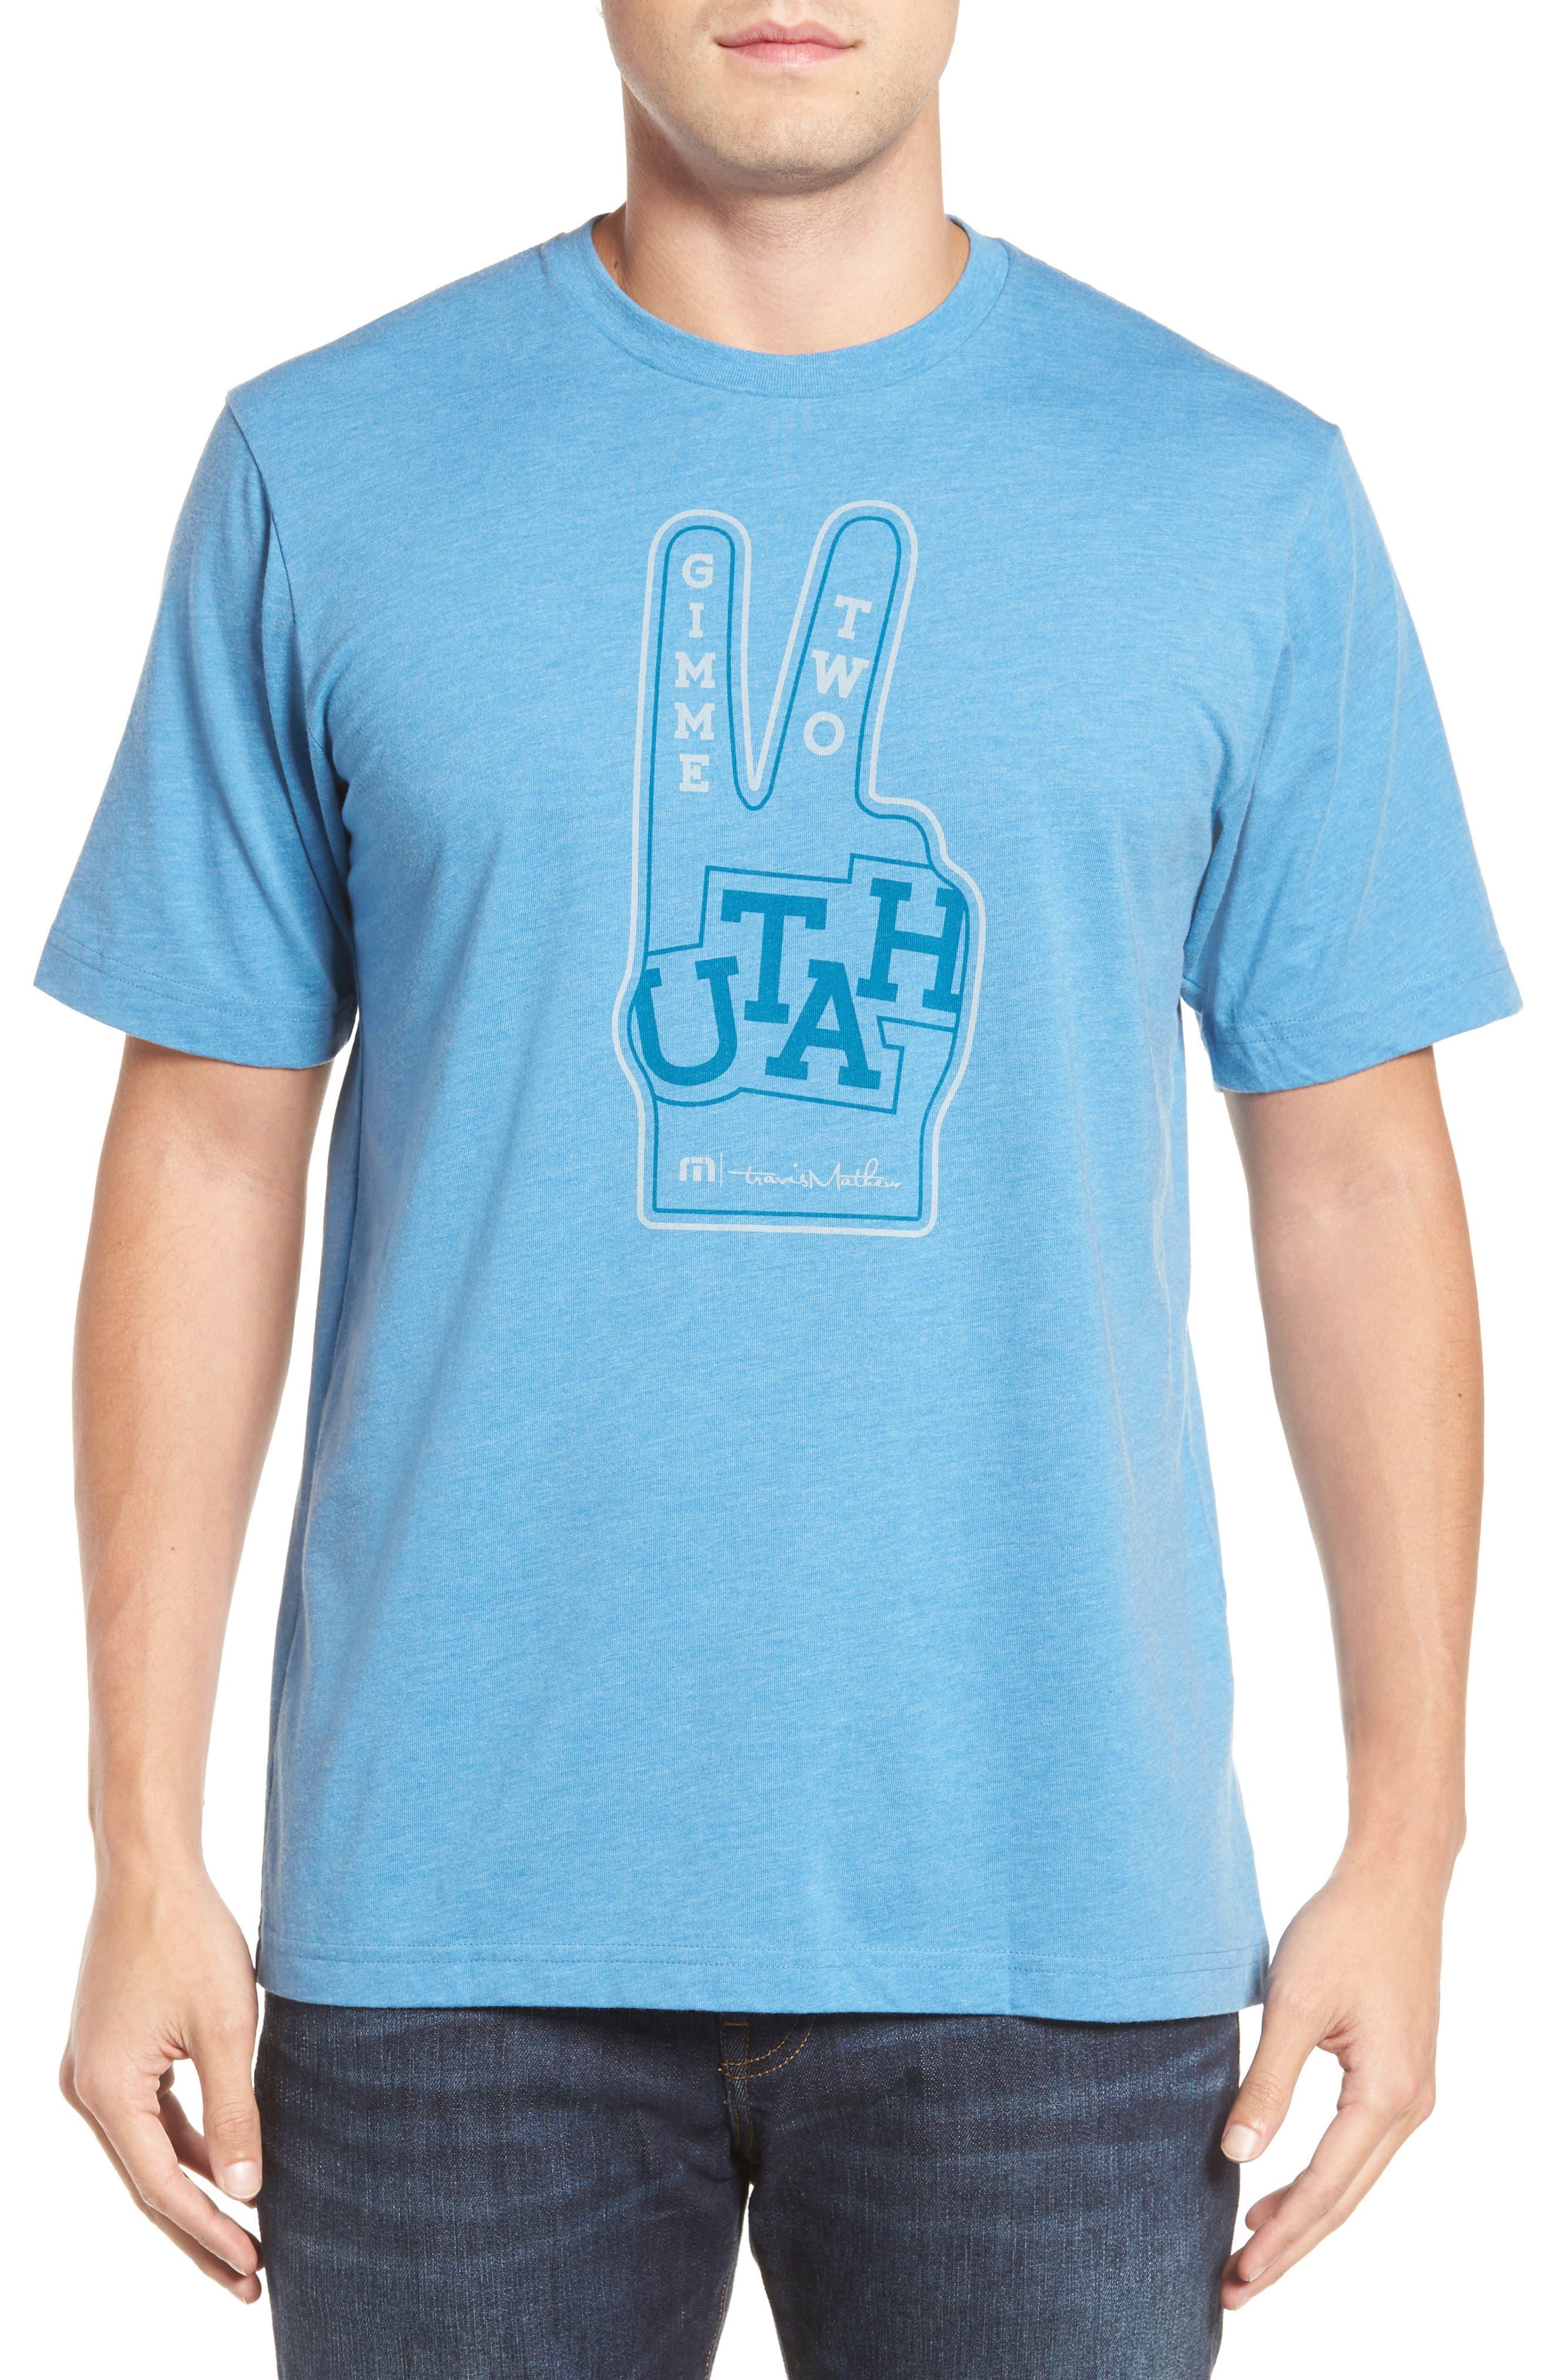 Utah T-Shirt,                             Main thumbnail 1, color,                             400